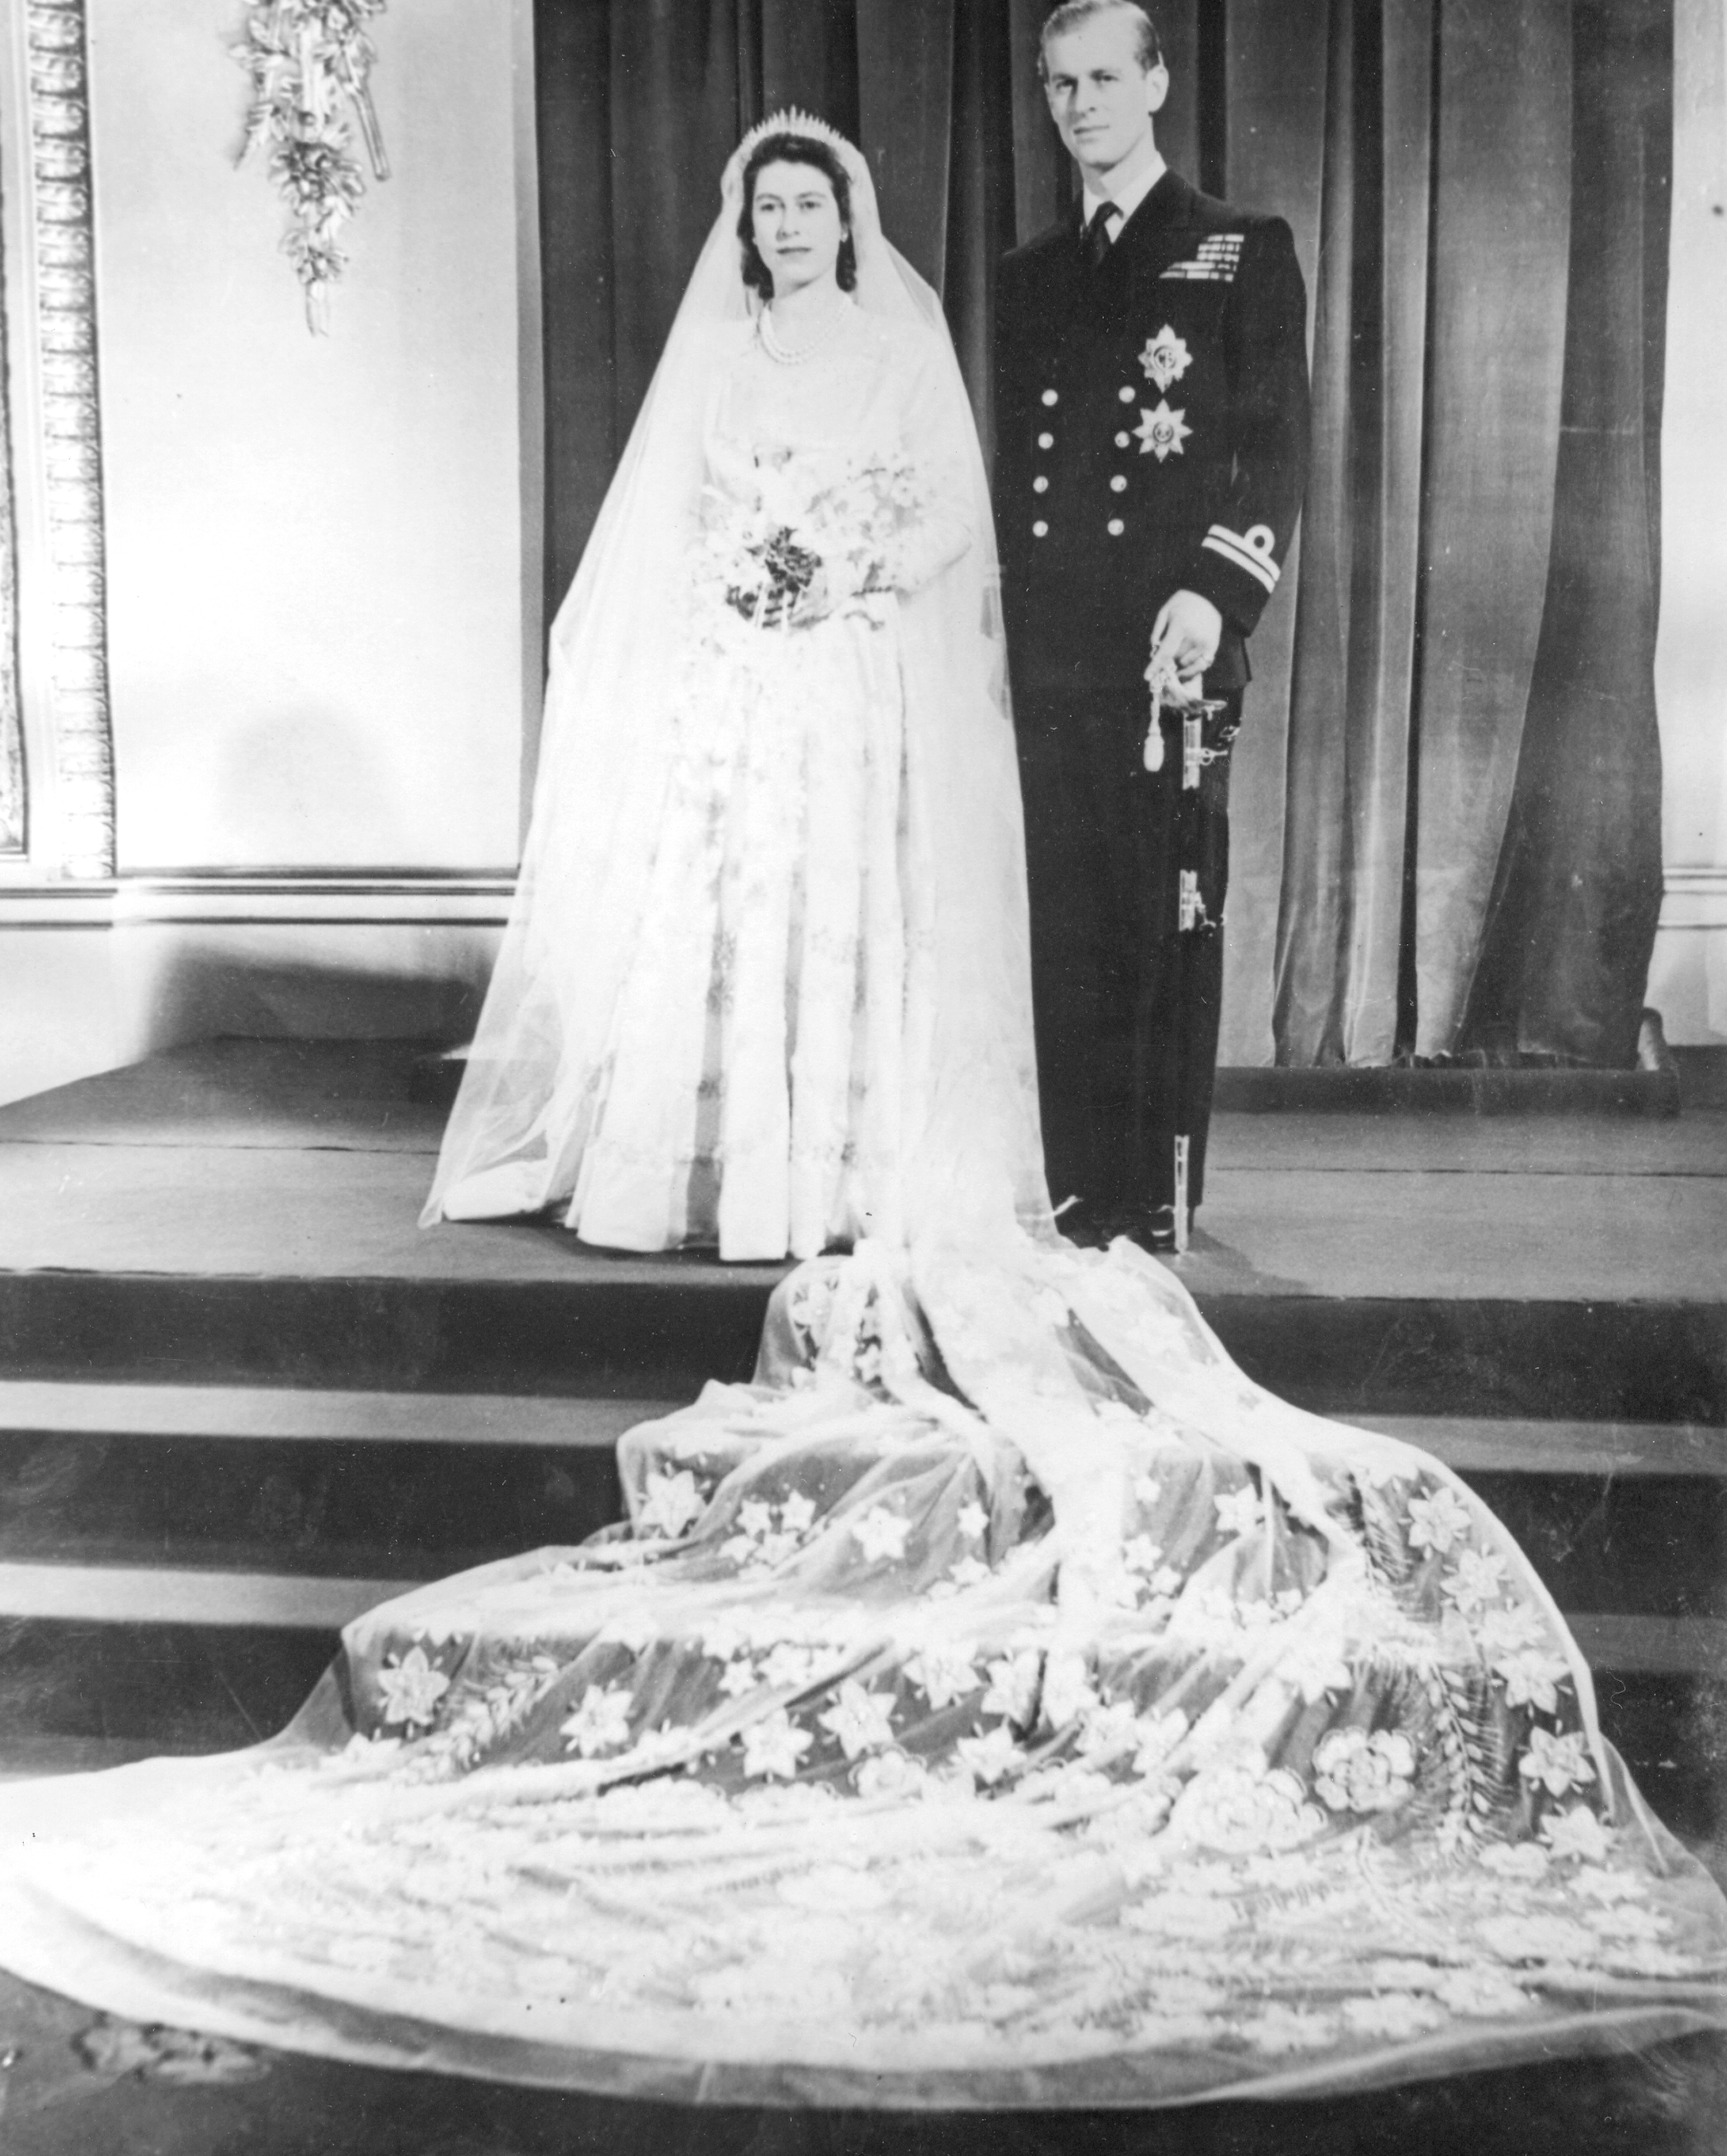 celebrity-brides-veils-princess-elizabeth-philip-mountbatten-0615.jpg